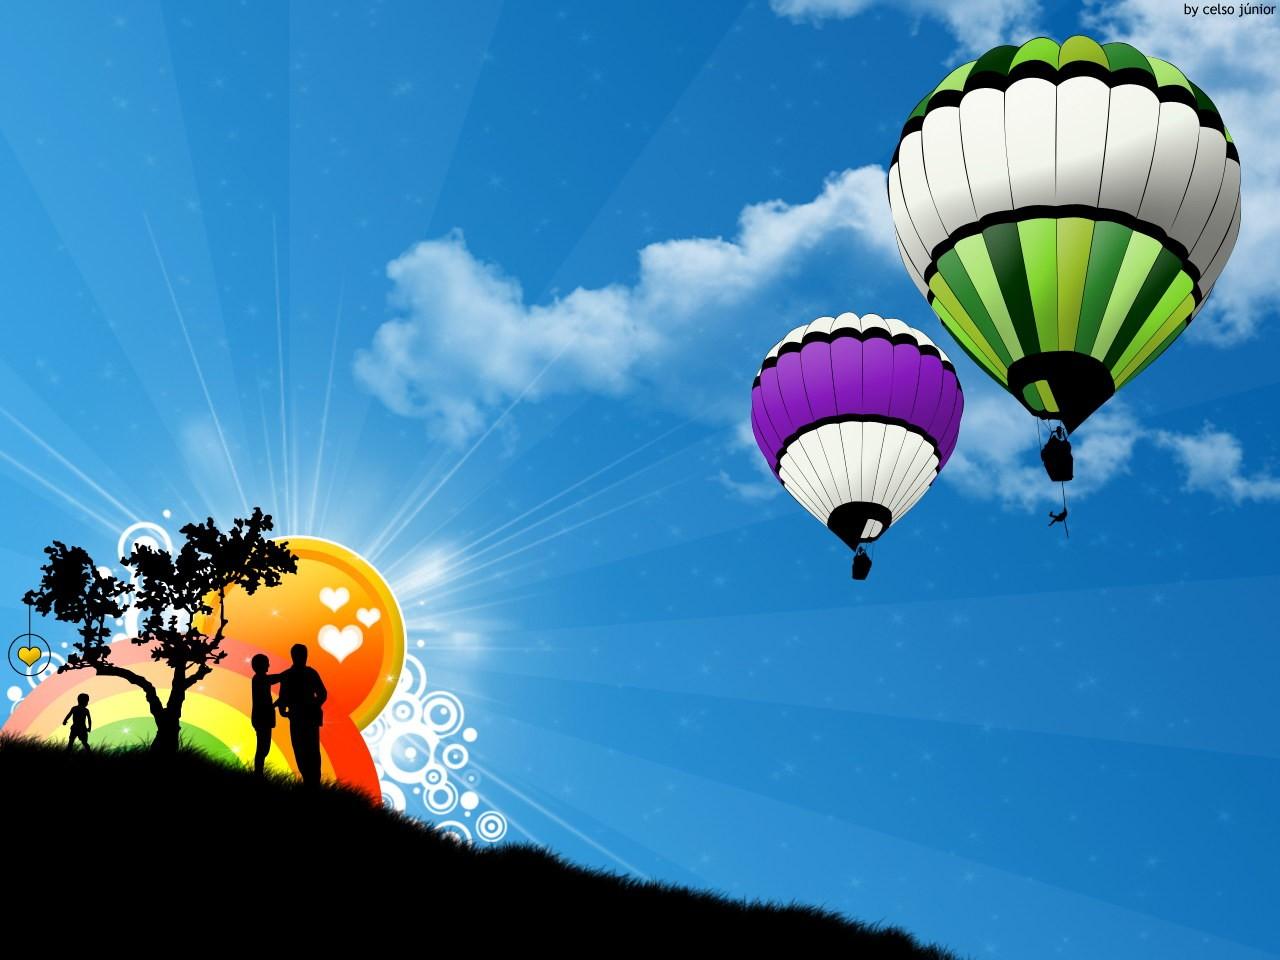 воздушные шары, скачать фото, обои для рабочего стола, небо, радуга